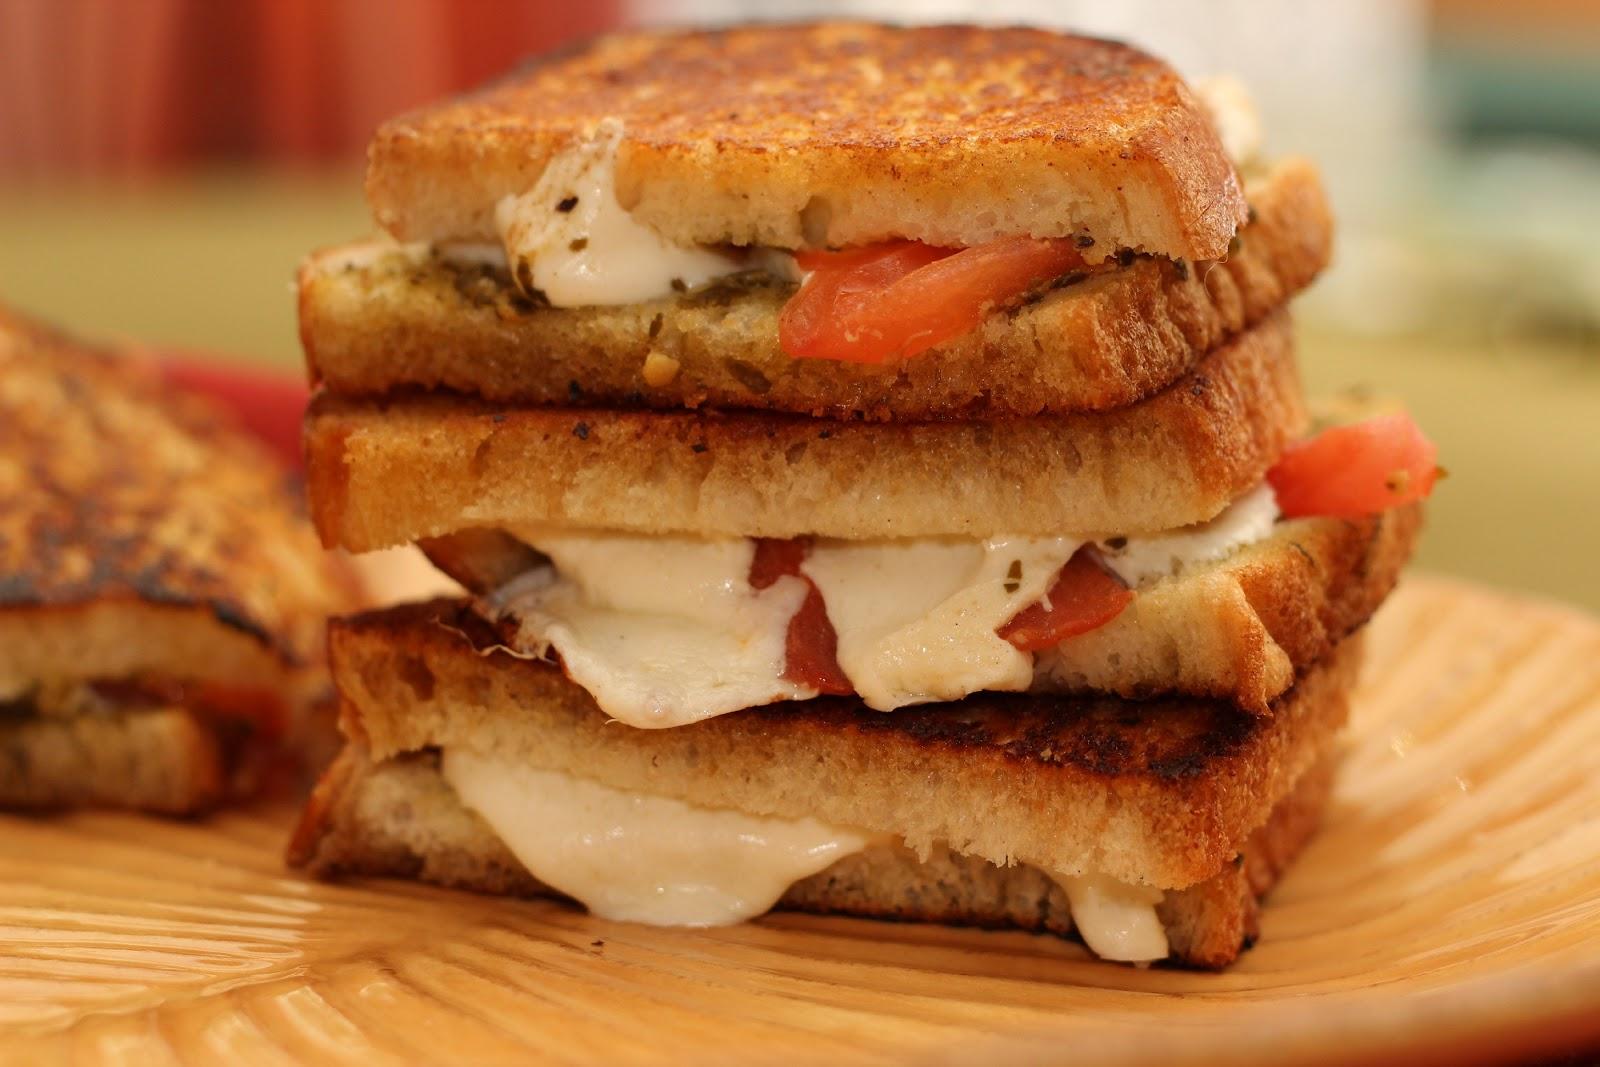 Lisa's Dish Diary: Grilled Mozzarella Cheese Sandwich w/pesto & tomato